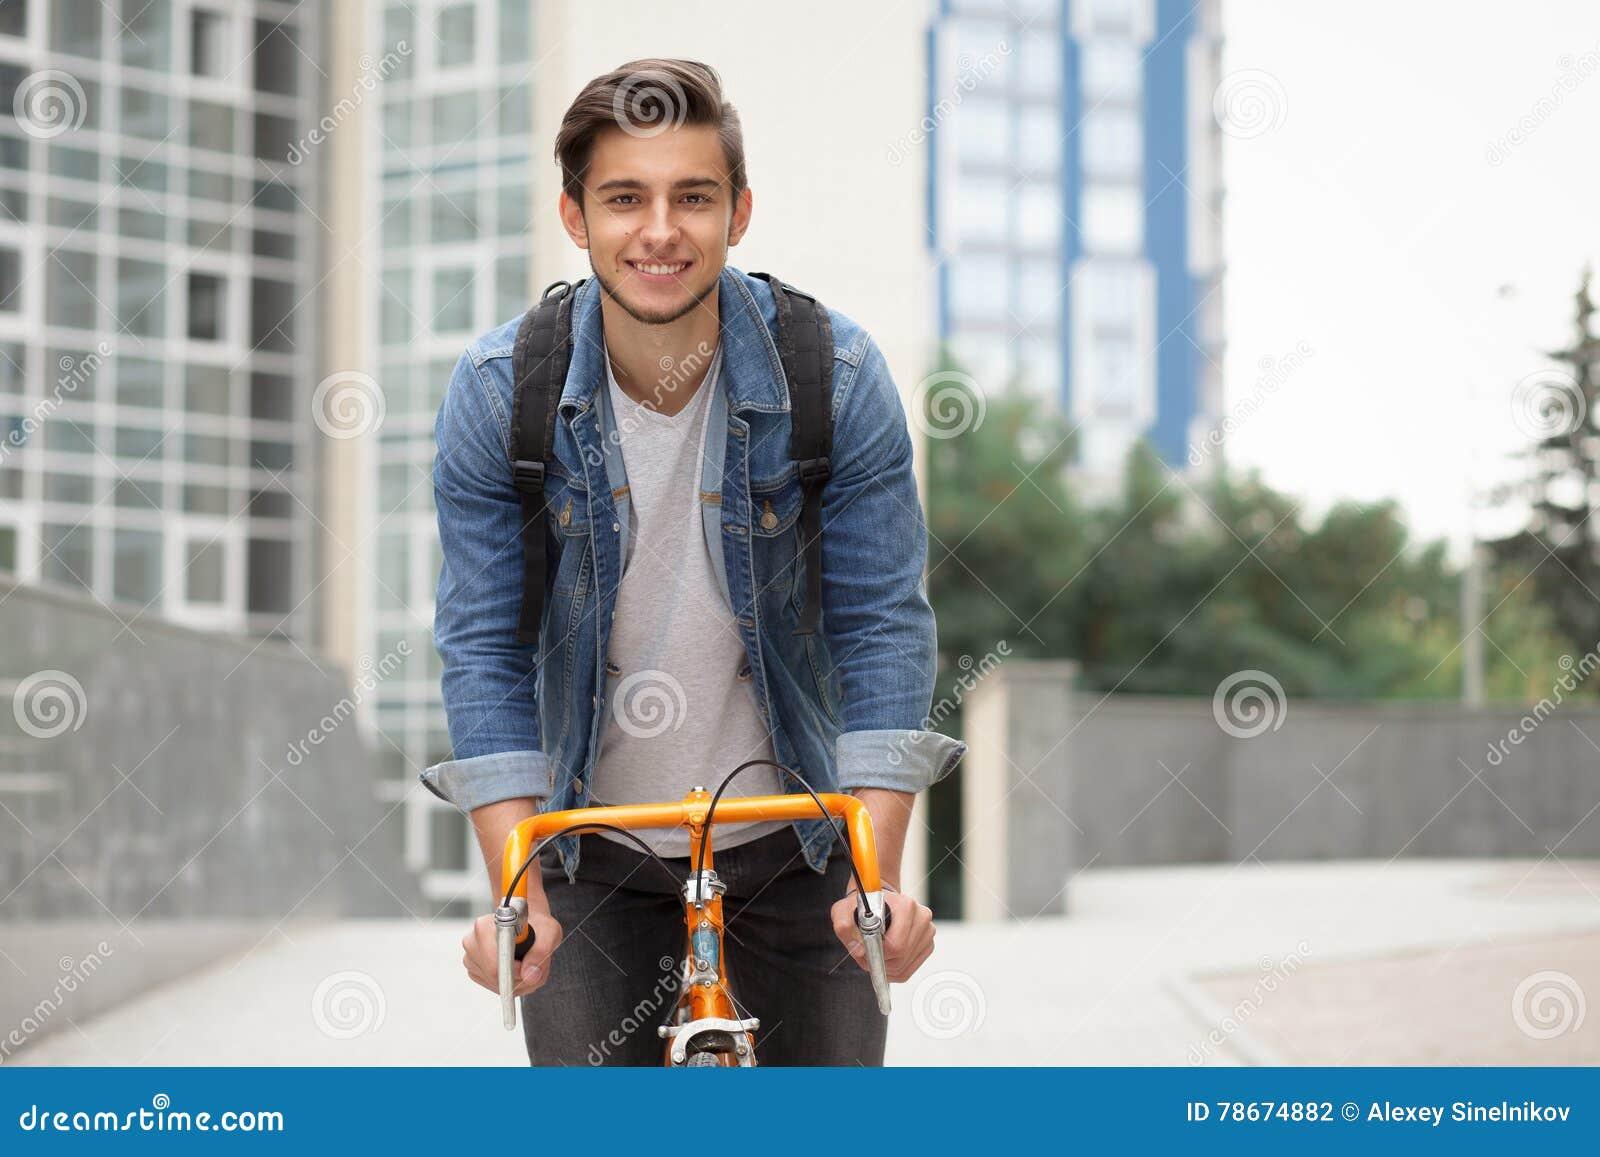 Der Kerl geht zur Stadt auf einem Fahrrad in der Blue Jeans-Jacke junger Mann ein orange Verlegenheitsfahrrad